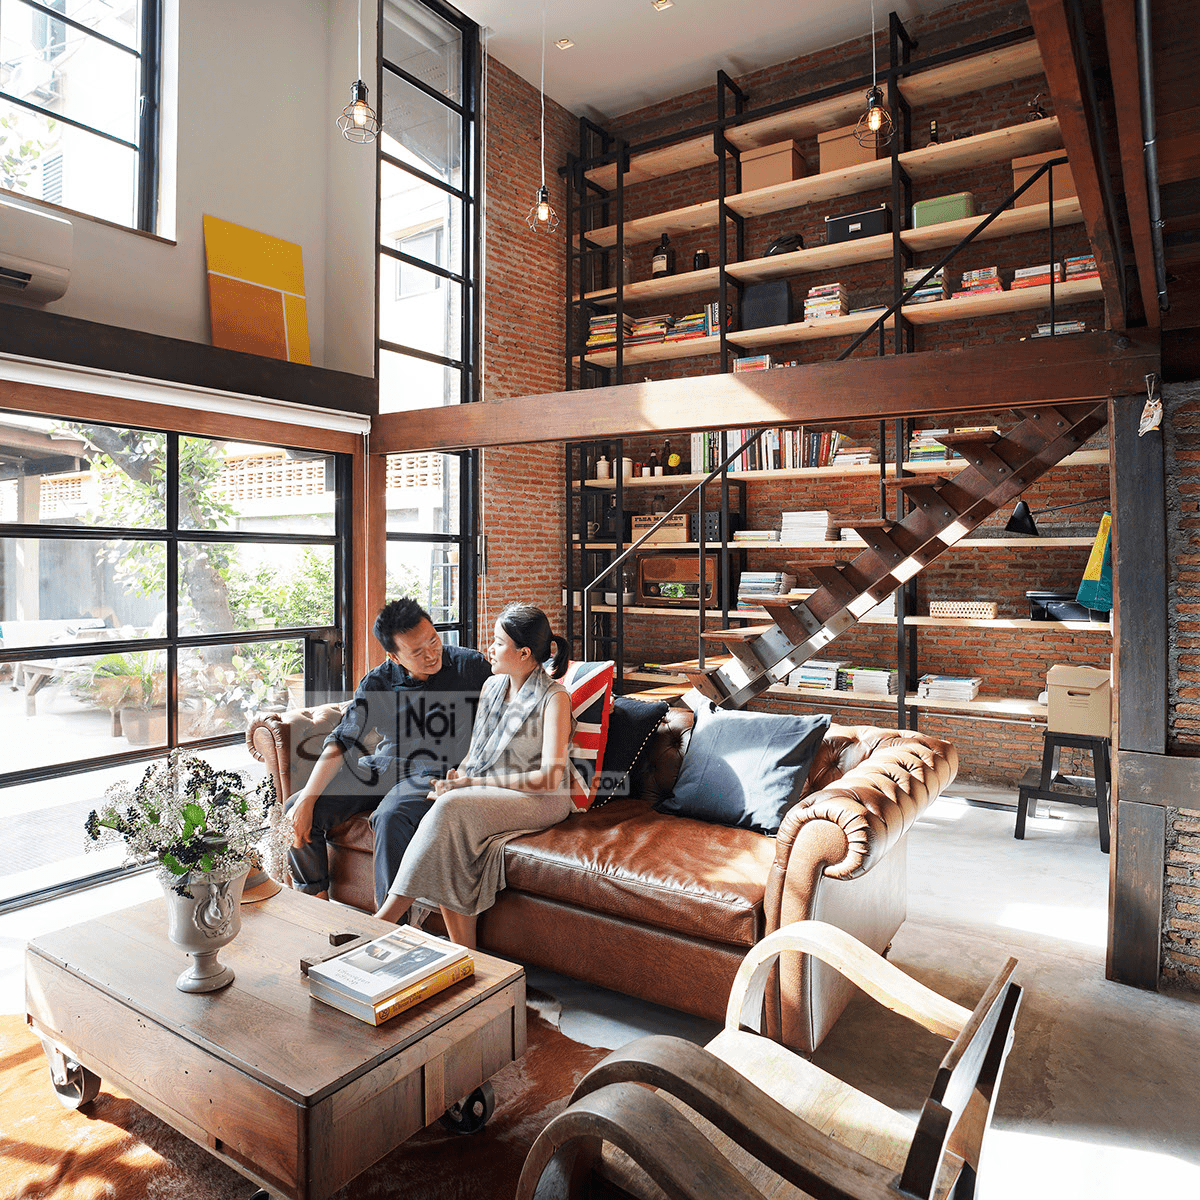 Mẹo trang trí phòng khách với ghế sofa màu nâu - meo trang tri phong khach voi ghe sofa mau nau 8